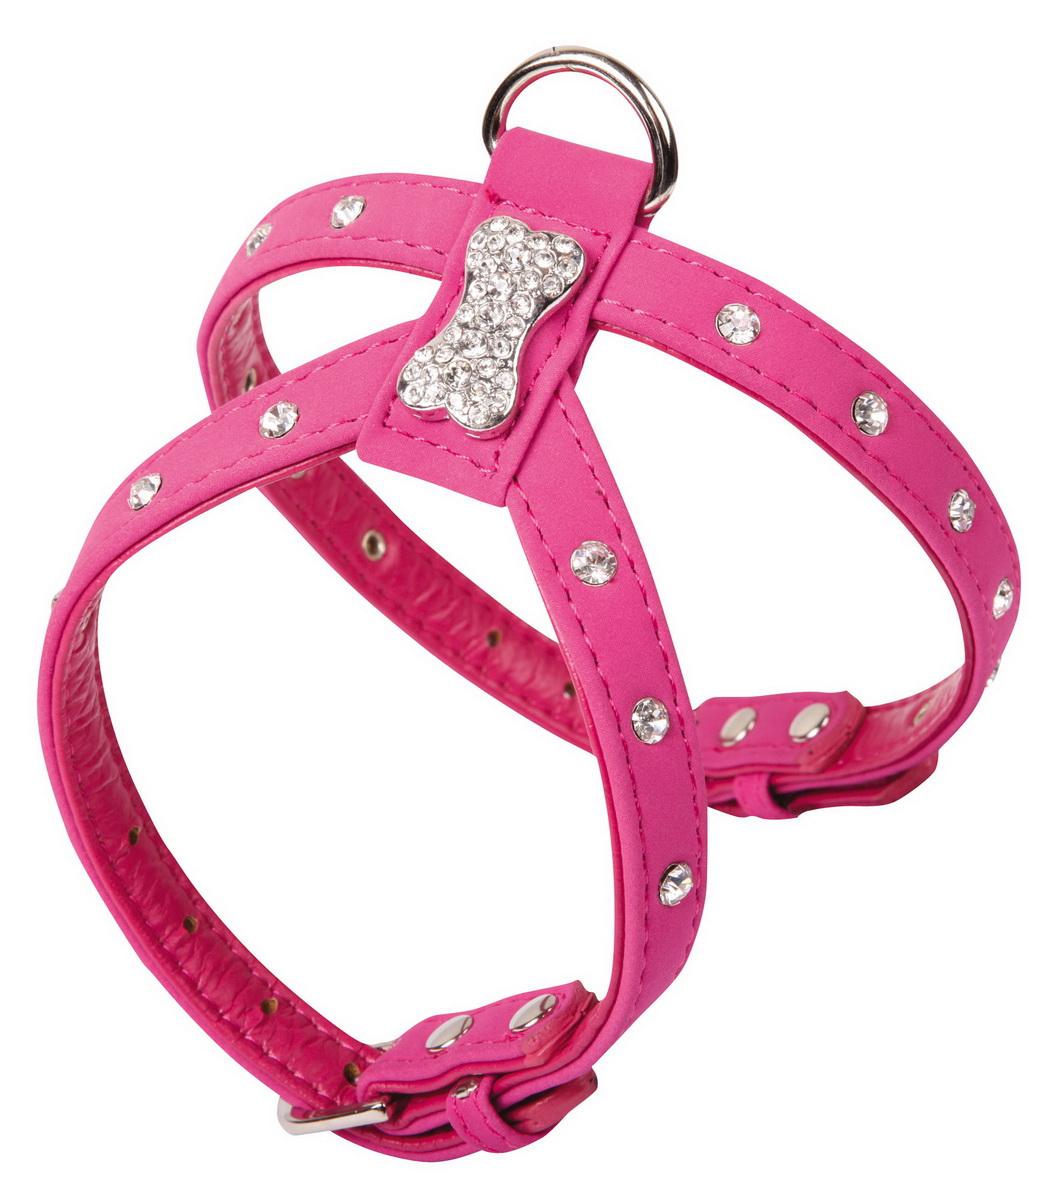 Шлейка для собак Dezzie, цвет: розовый, обхват шеи 20-26 см, обхват груди 28-34 см. Размер M. 56240790120710Шлейка Dezzie, изготовленная из бархата и украшенная металлической вставкой в виде косточки и стразами подходит для собак средних пород. Крепкие металлические элементы делают ее надежной и долговечной. Шлейка - это альтернатива ошейнику. Правильно подобранная шлейка не стесняет движения питомца, не натирает кожу, поэтому животное чувствует себя в ней уверенно и комфортно. Изделие отличается высоким качеством, удобством и универсальностью. Имеется металлическое кольцо для крепления поводка. Размер регулируется при помощи пряжек.Обхват шеи: 20-26 см. Обхват груди: 28-34 см.